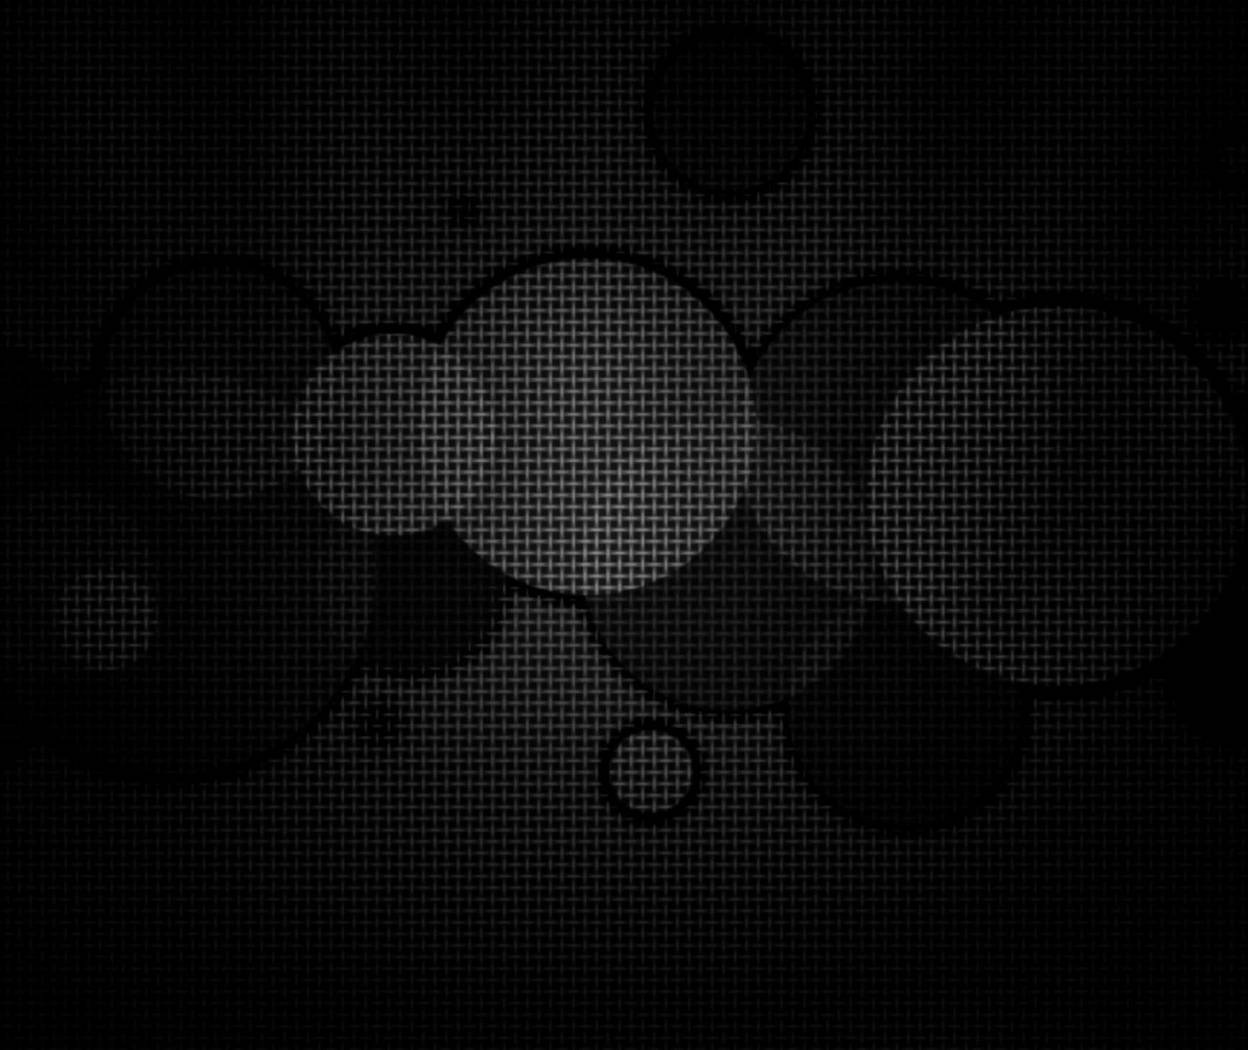 Circles Hd